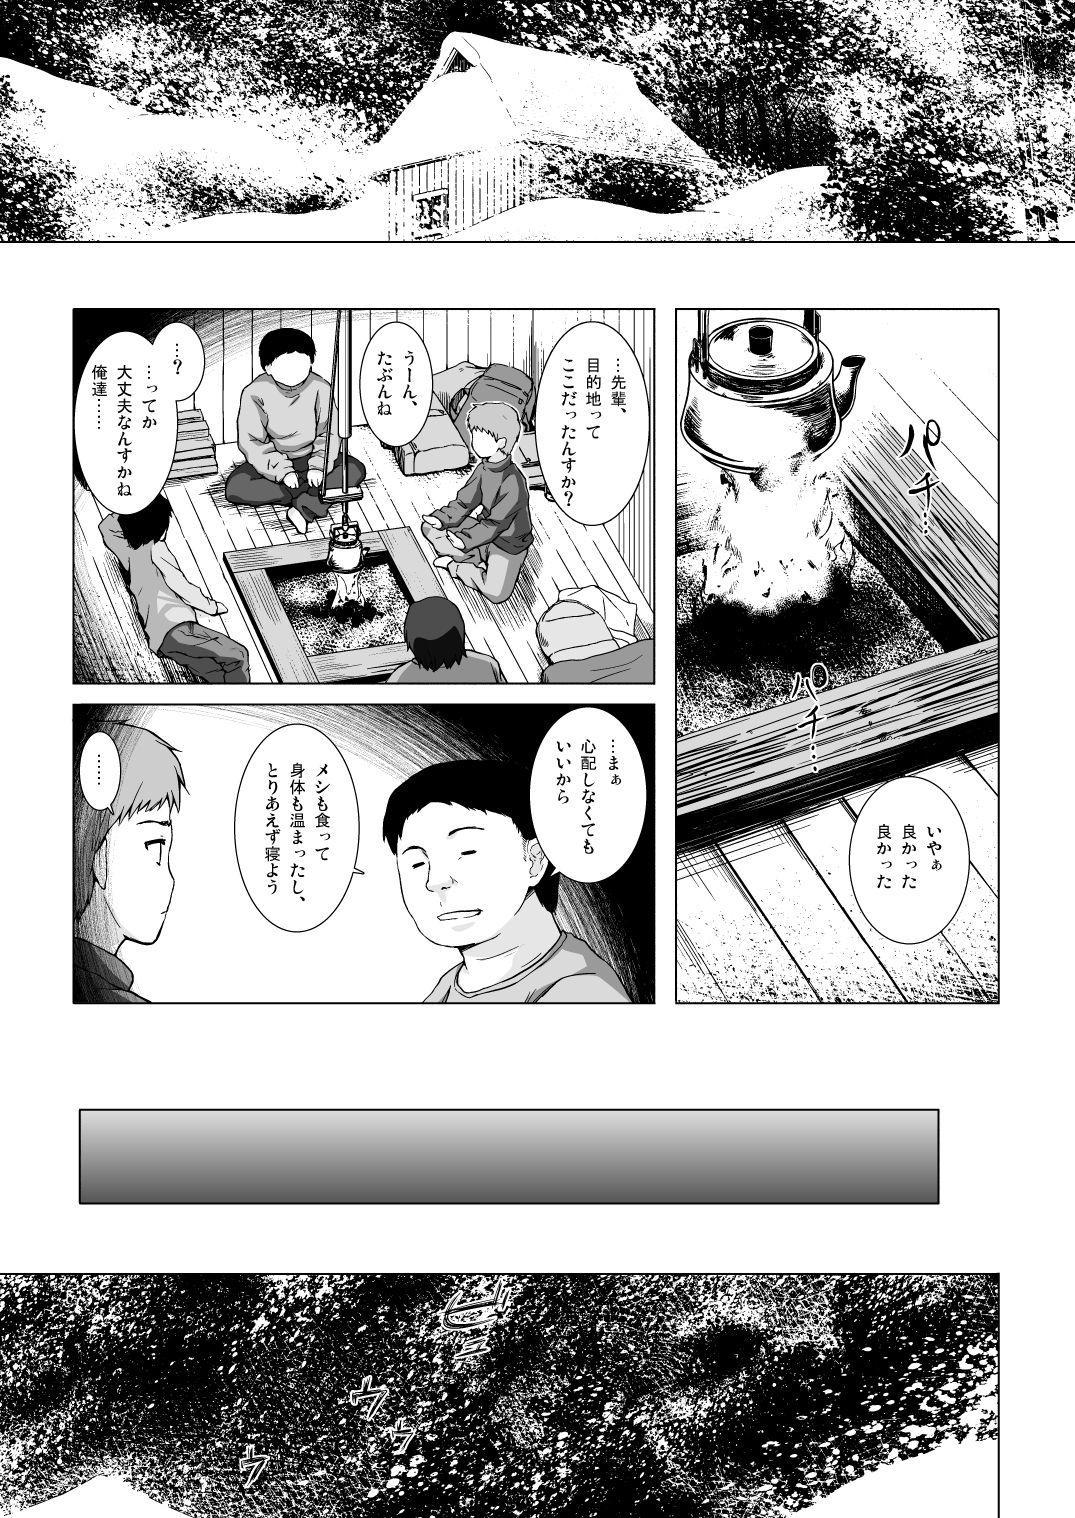 Monokemono Hachi-ya 3